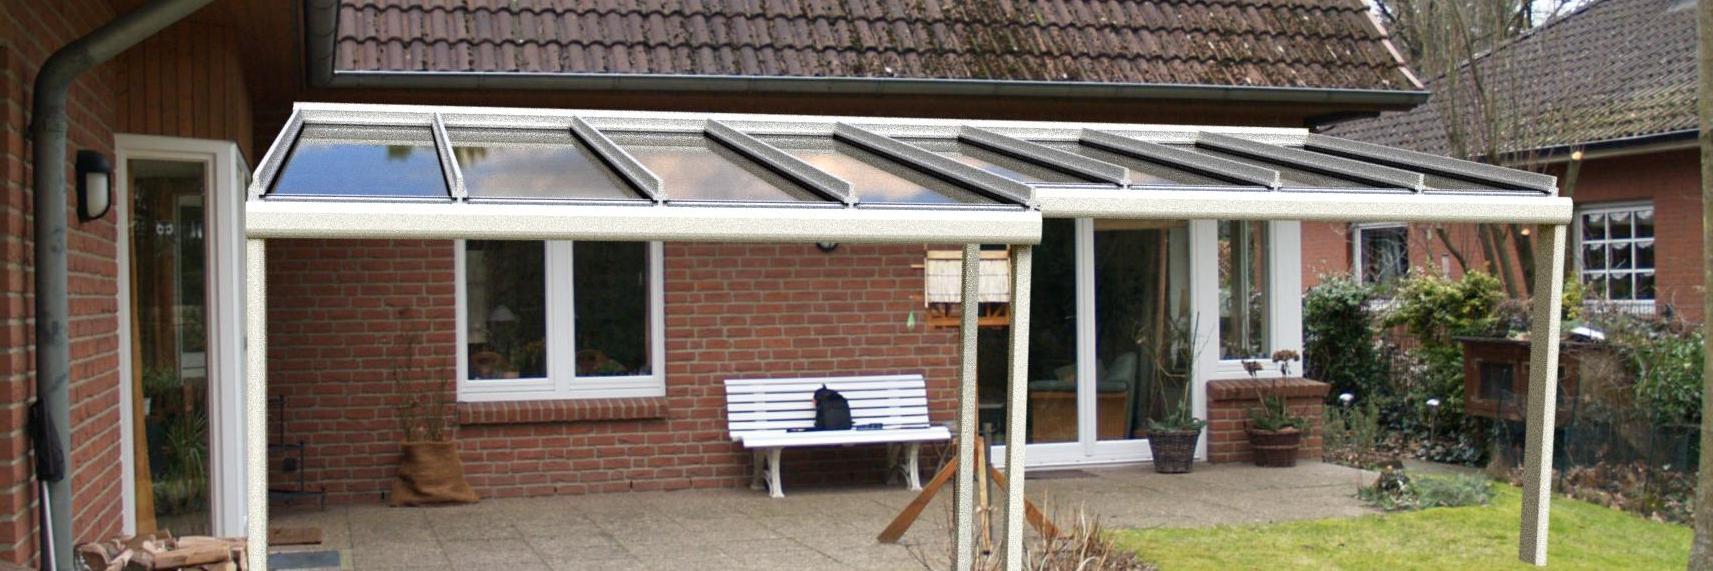 Terrassendach mit Treppung